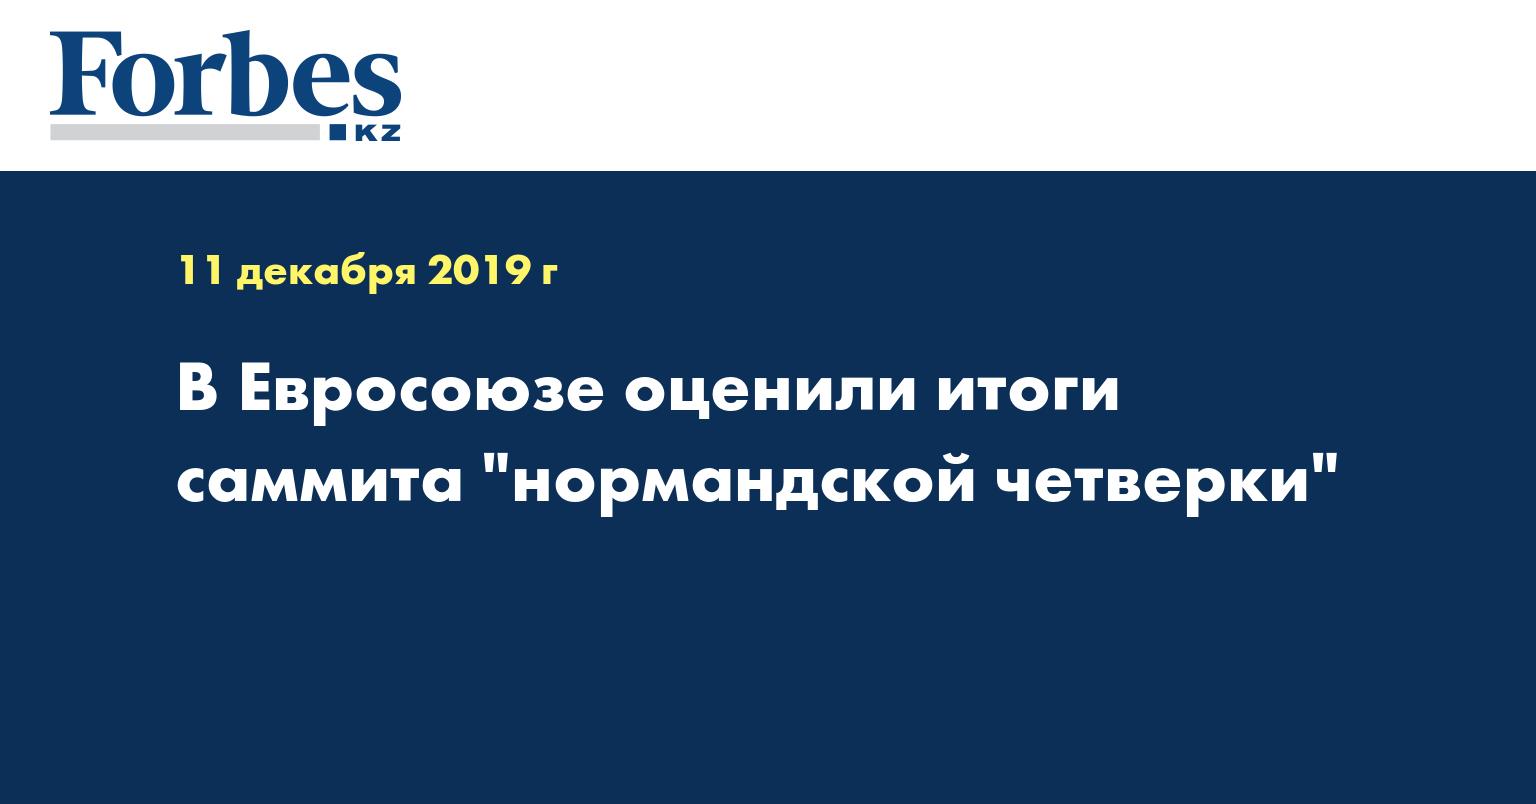 В Евросоюзе оценили итоги саммита